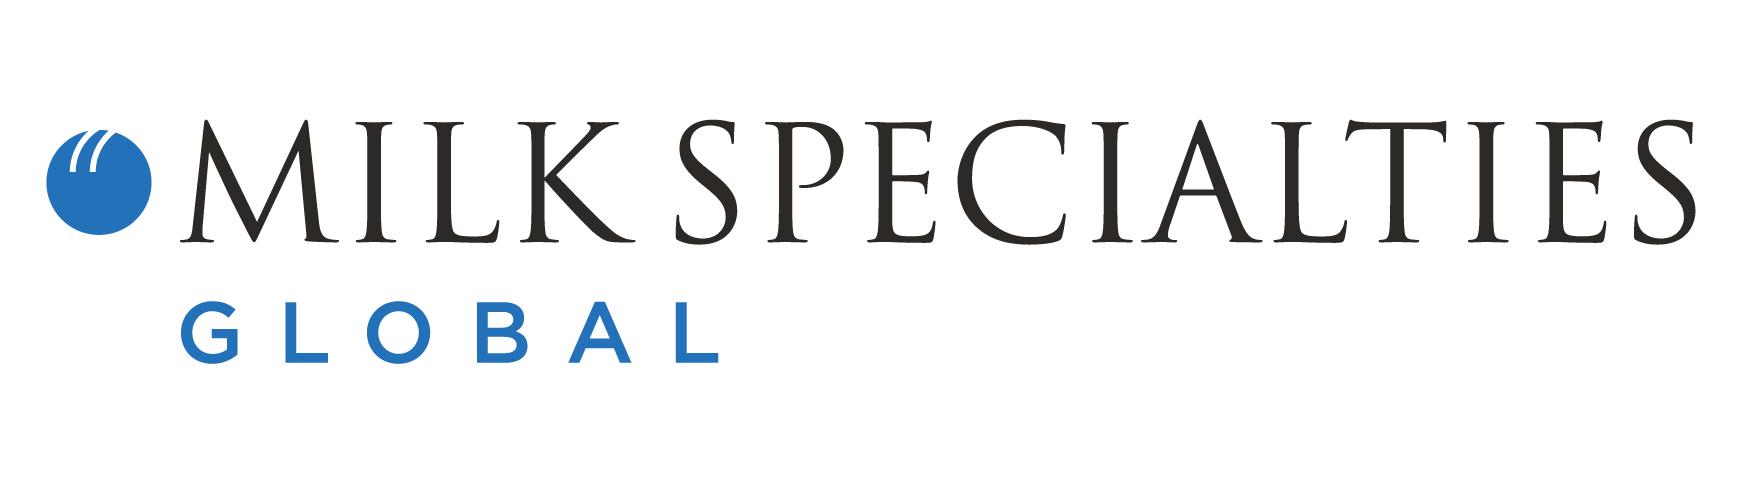 Milk Specialties Global Logo